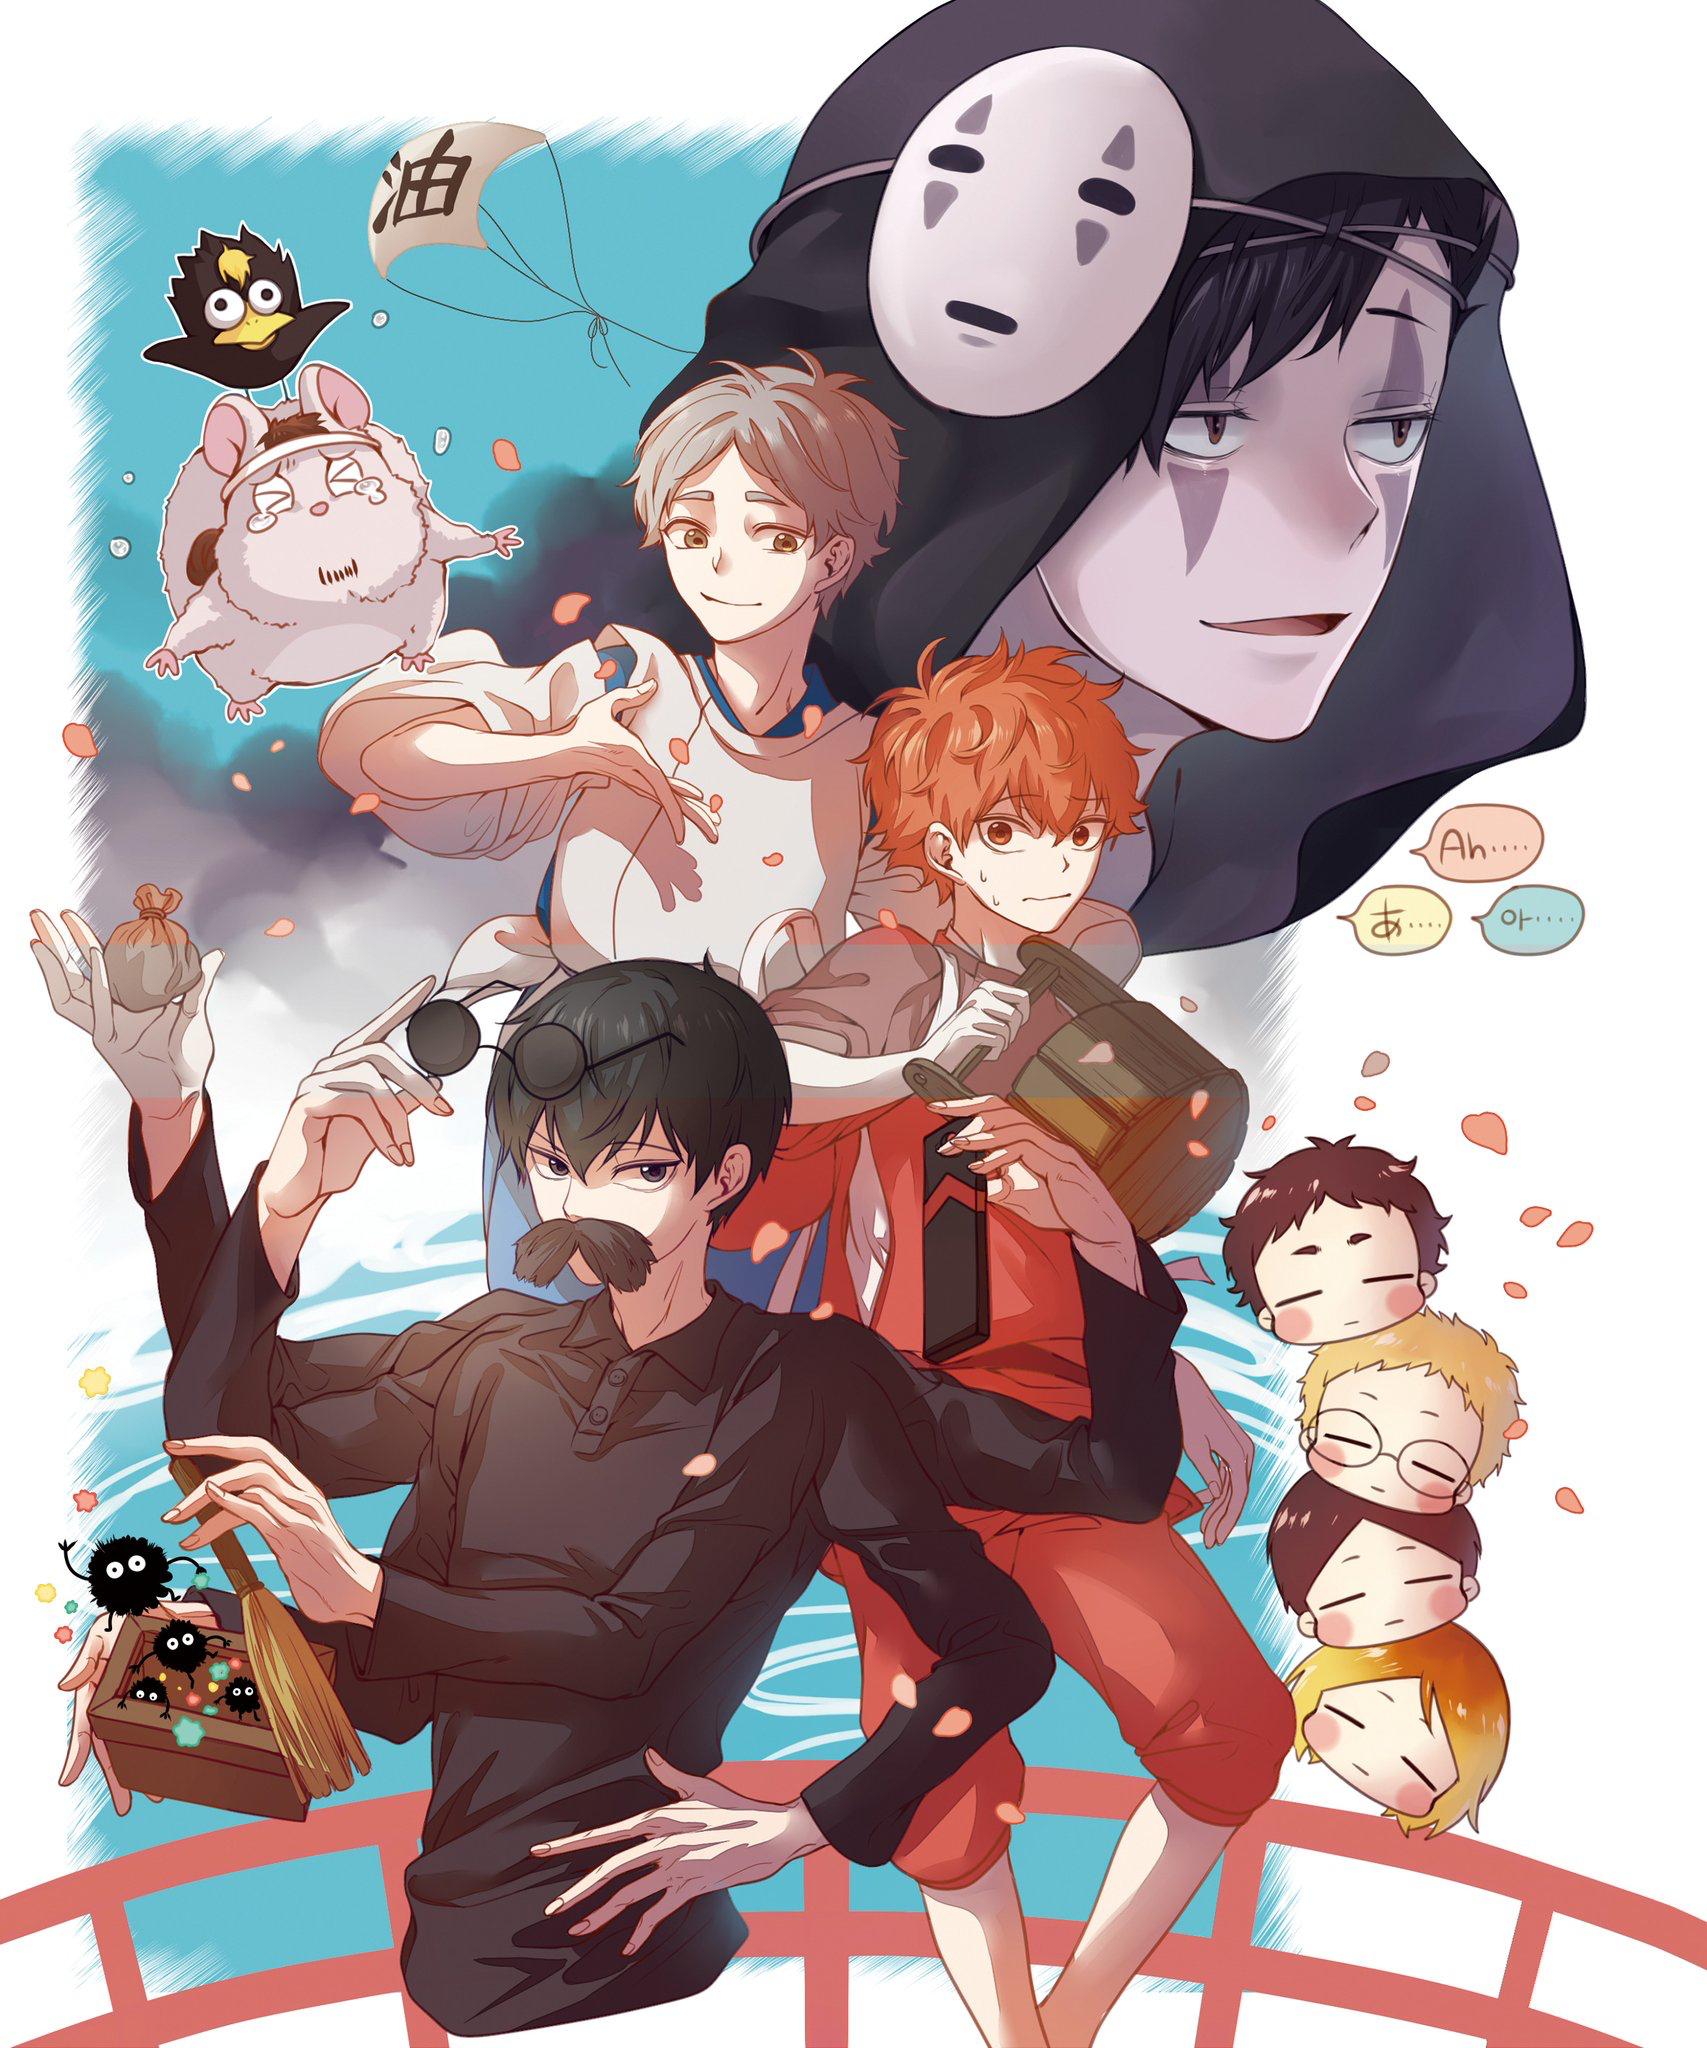 Spirit Awakening and Haikyuu Anime crossover, Anime